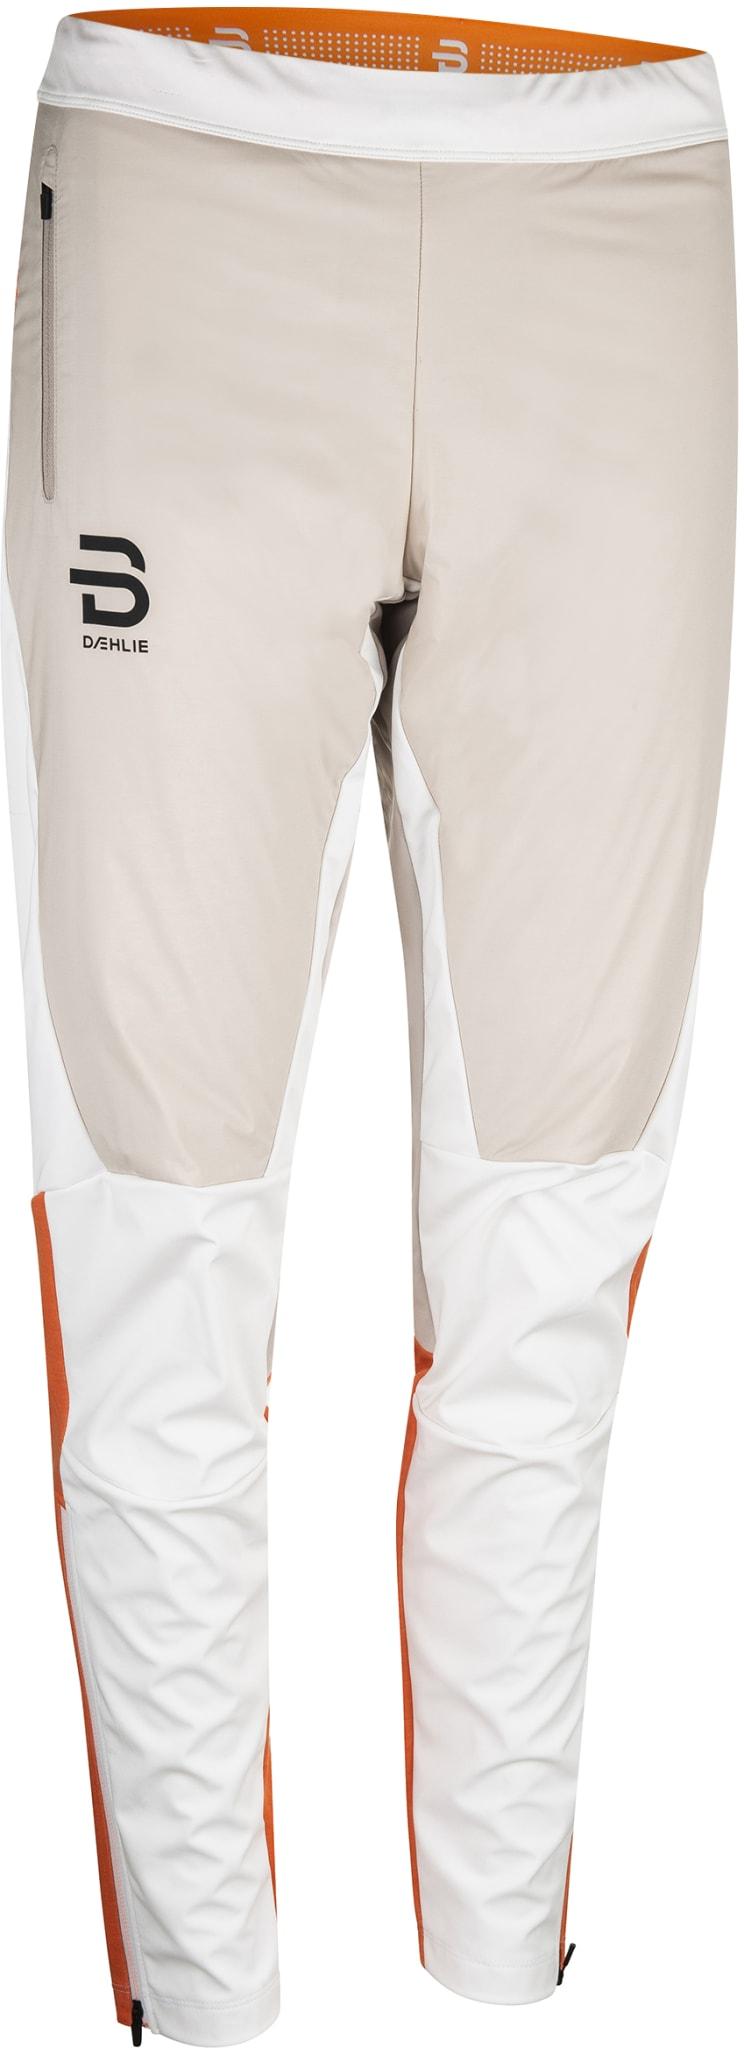 Pants Raw 4.0 W